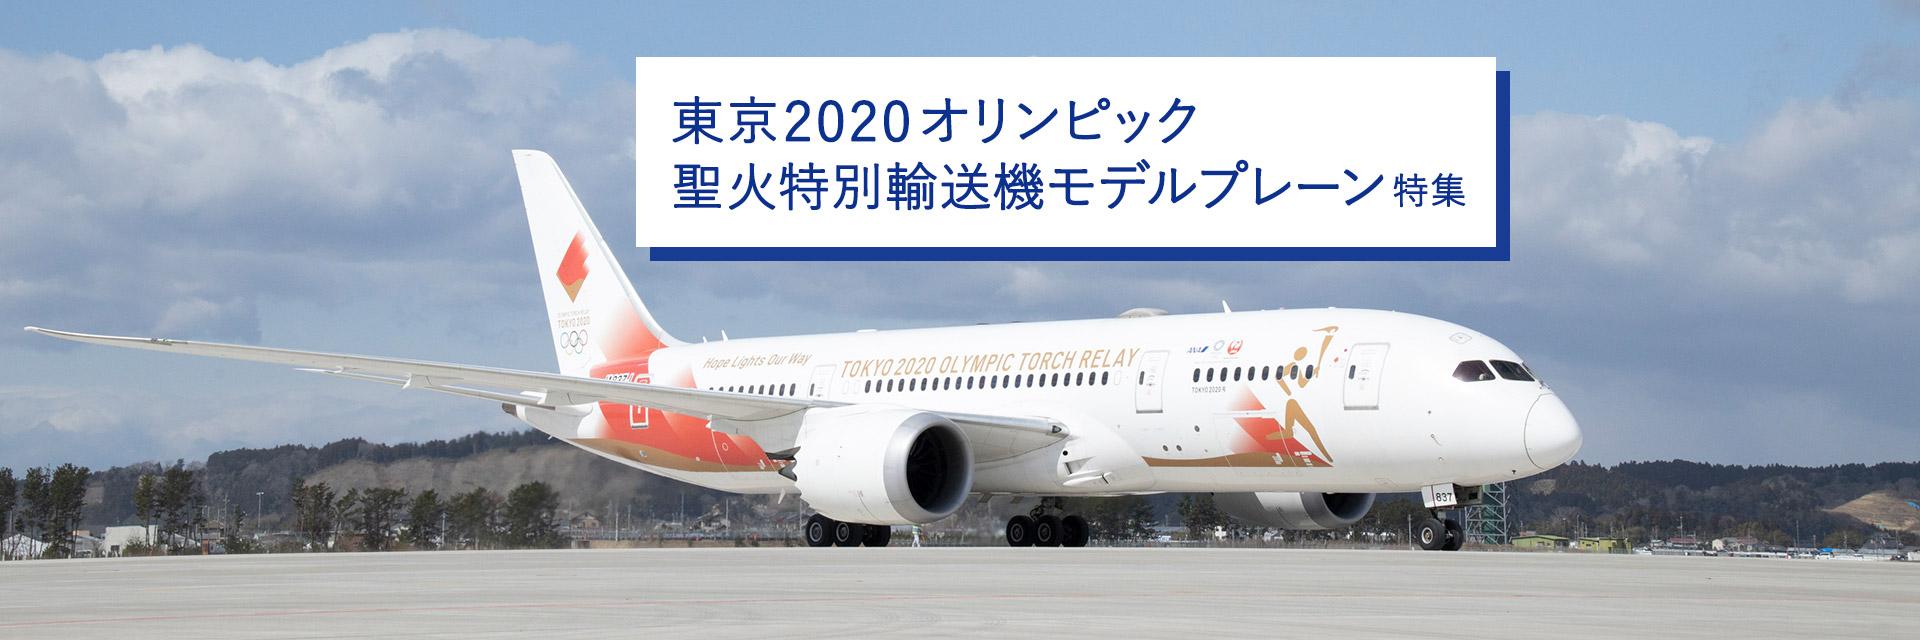 東京2020 オリンピック 聖火特別輸送機モデルプレーン特集